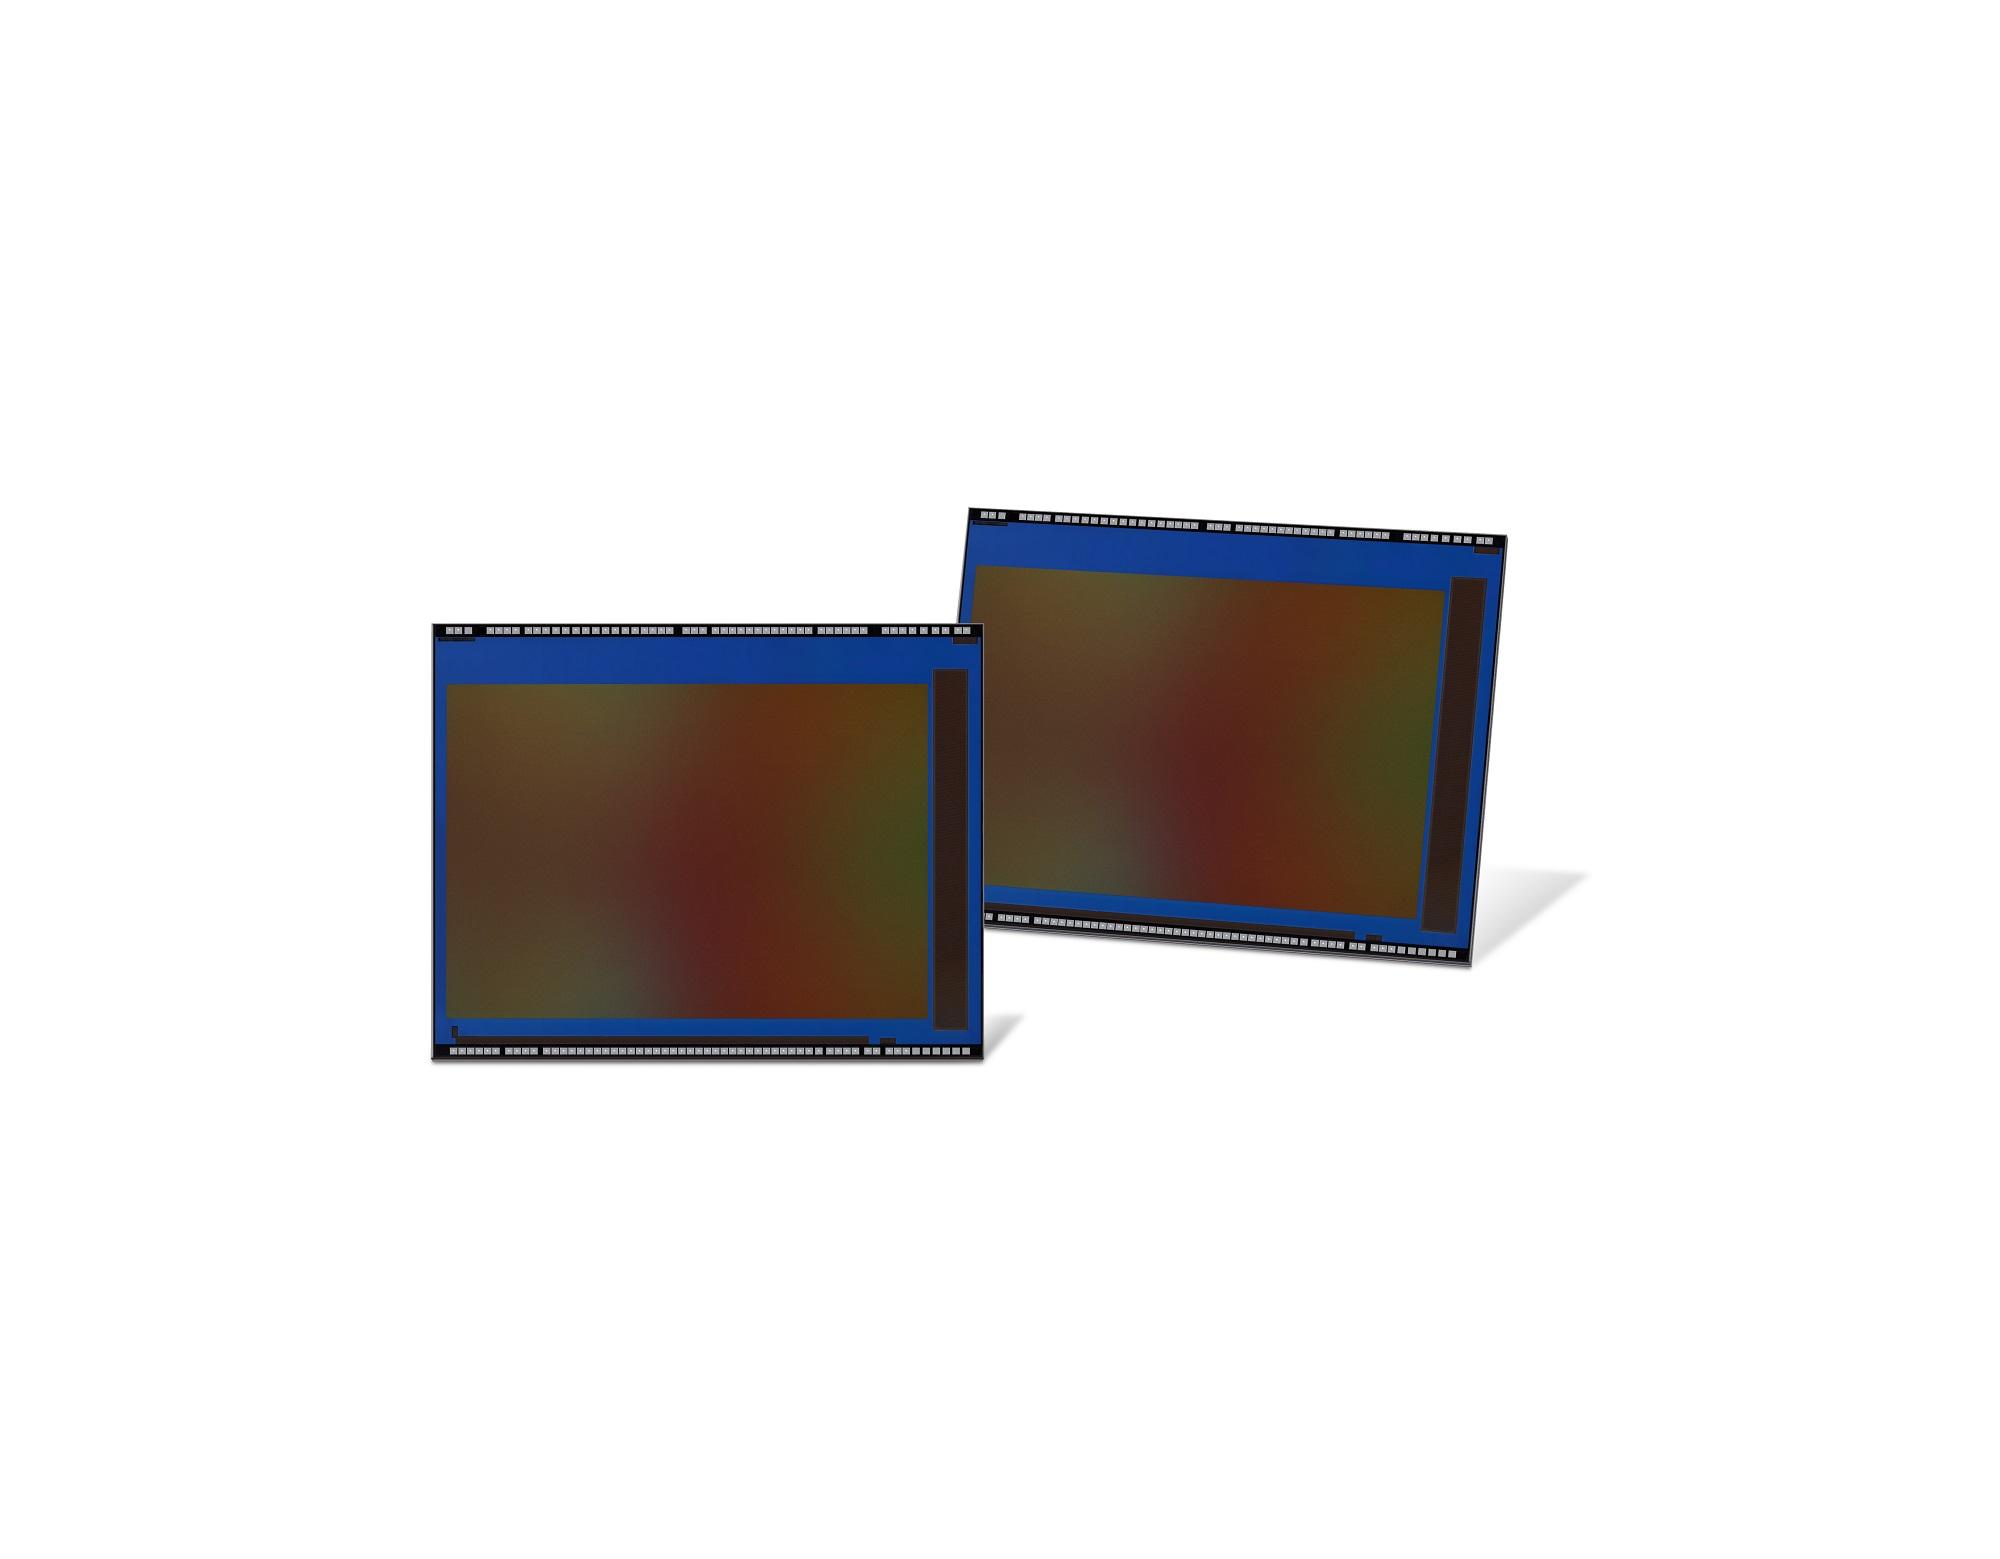 Samsung zaprezentował pierwszy sensor z pikselami 0,7 µm do aparatów w smartfonach